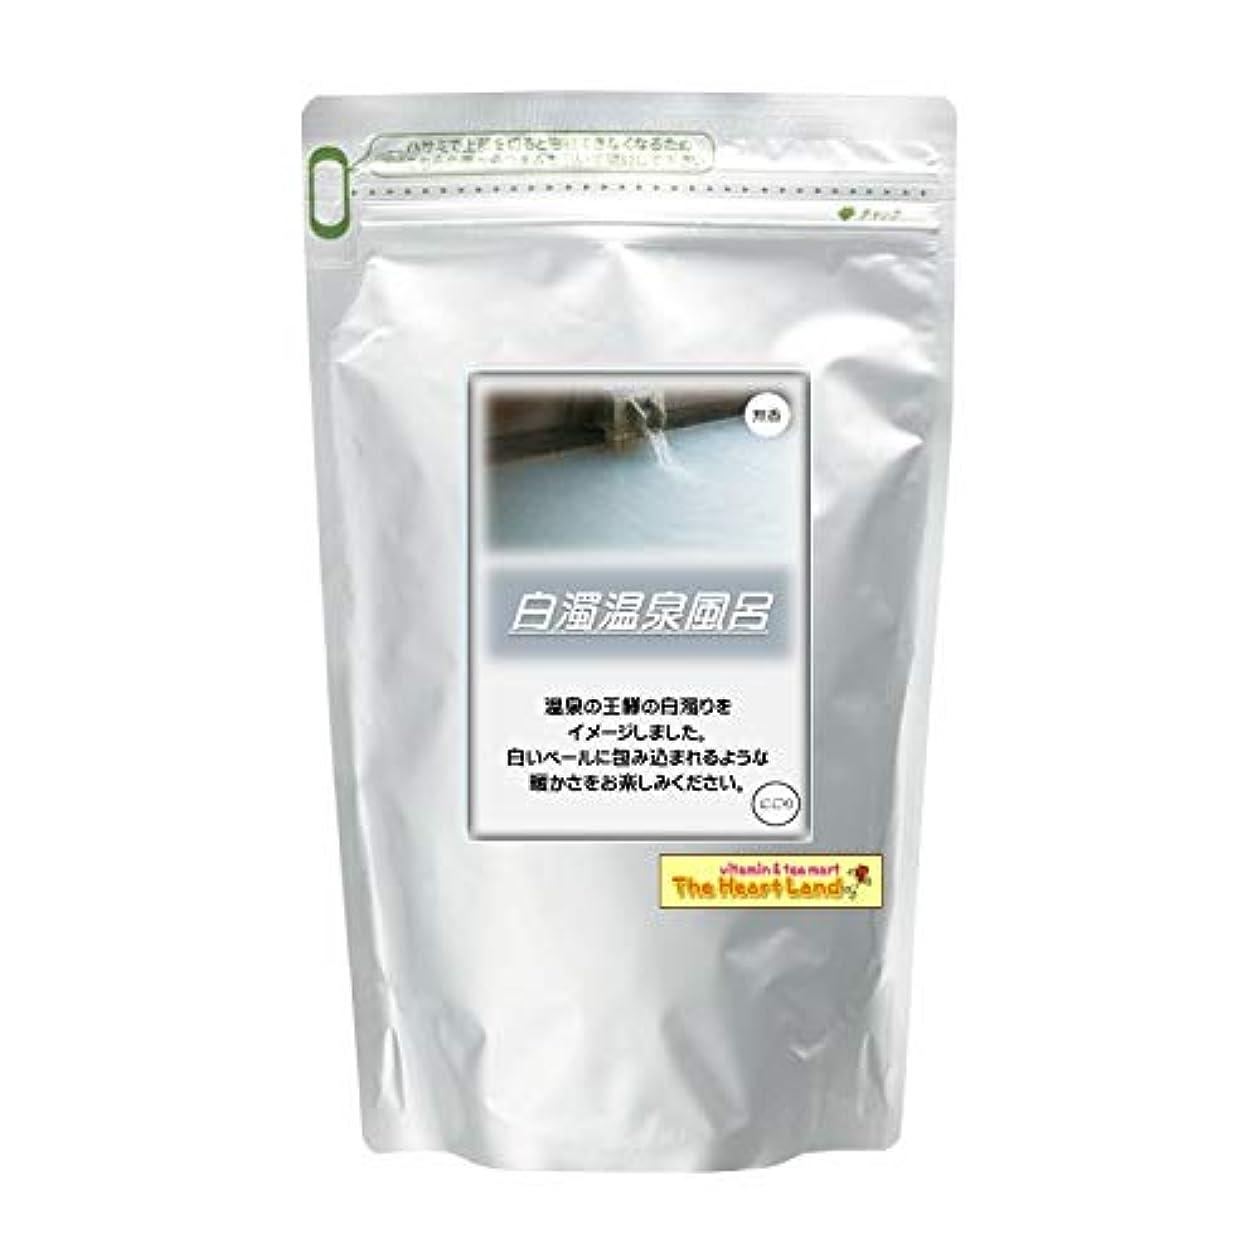 見込みリーフレット肉腫アサヒ入浴剤 浴用入浴化粧品 白濁温泉風呂 2.5kg